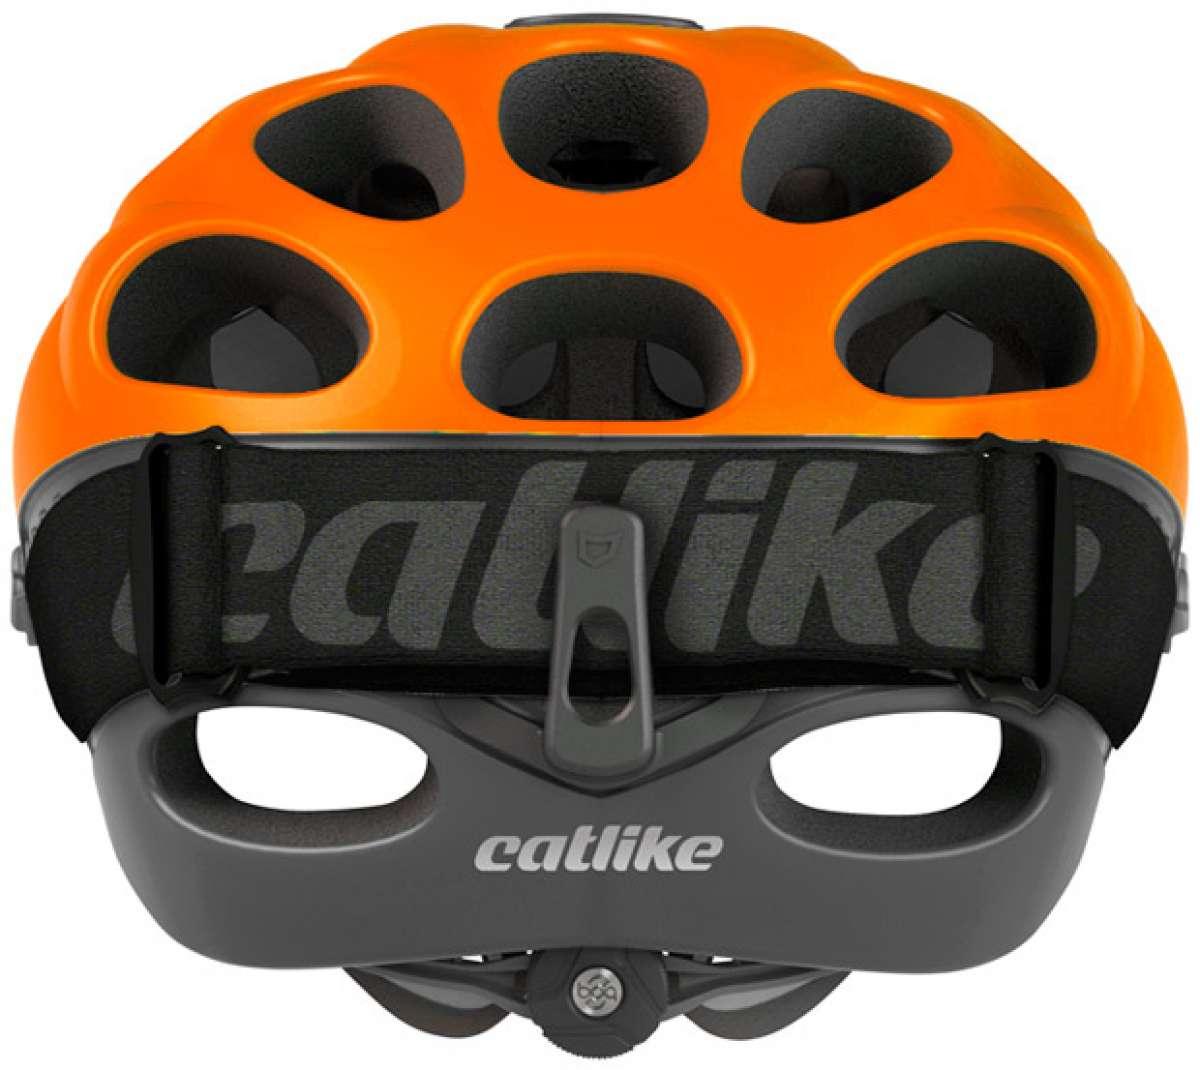 Catlike Yelmo, un nuevo casco para Enduro repleto de detalles